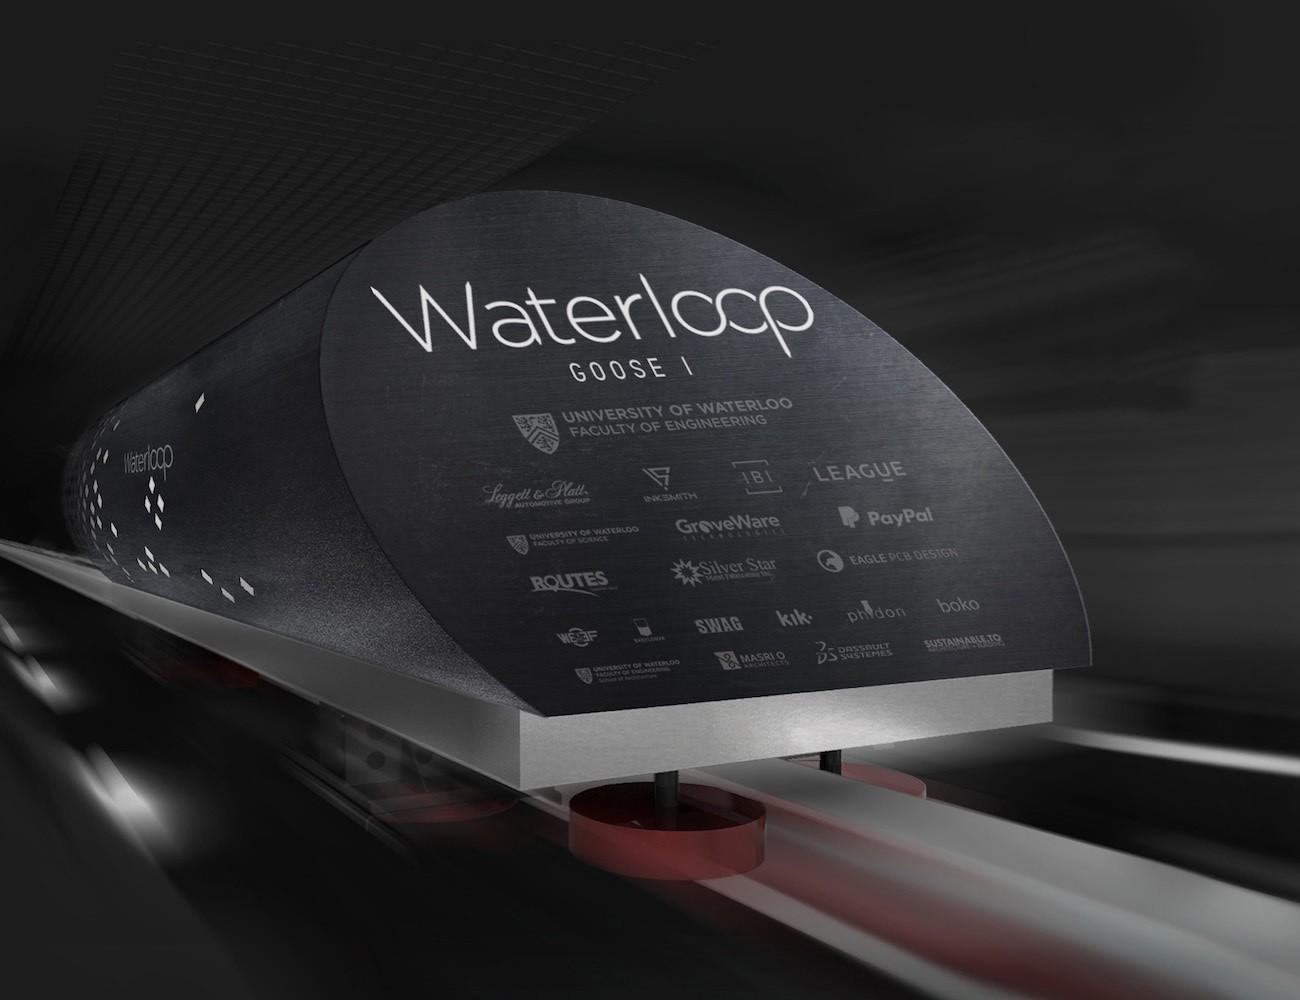 Waterloop – The Canadian SpaceX Hyperloop Competition Team